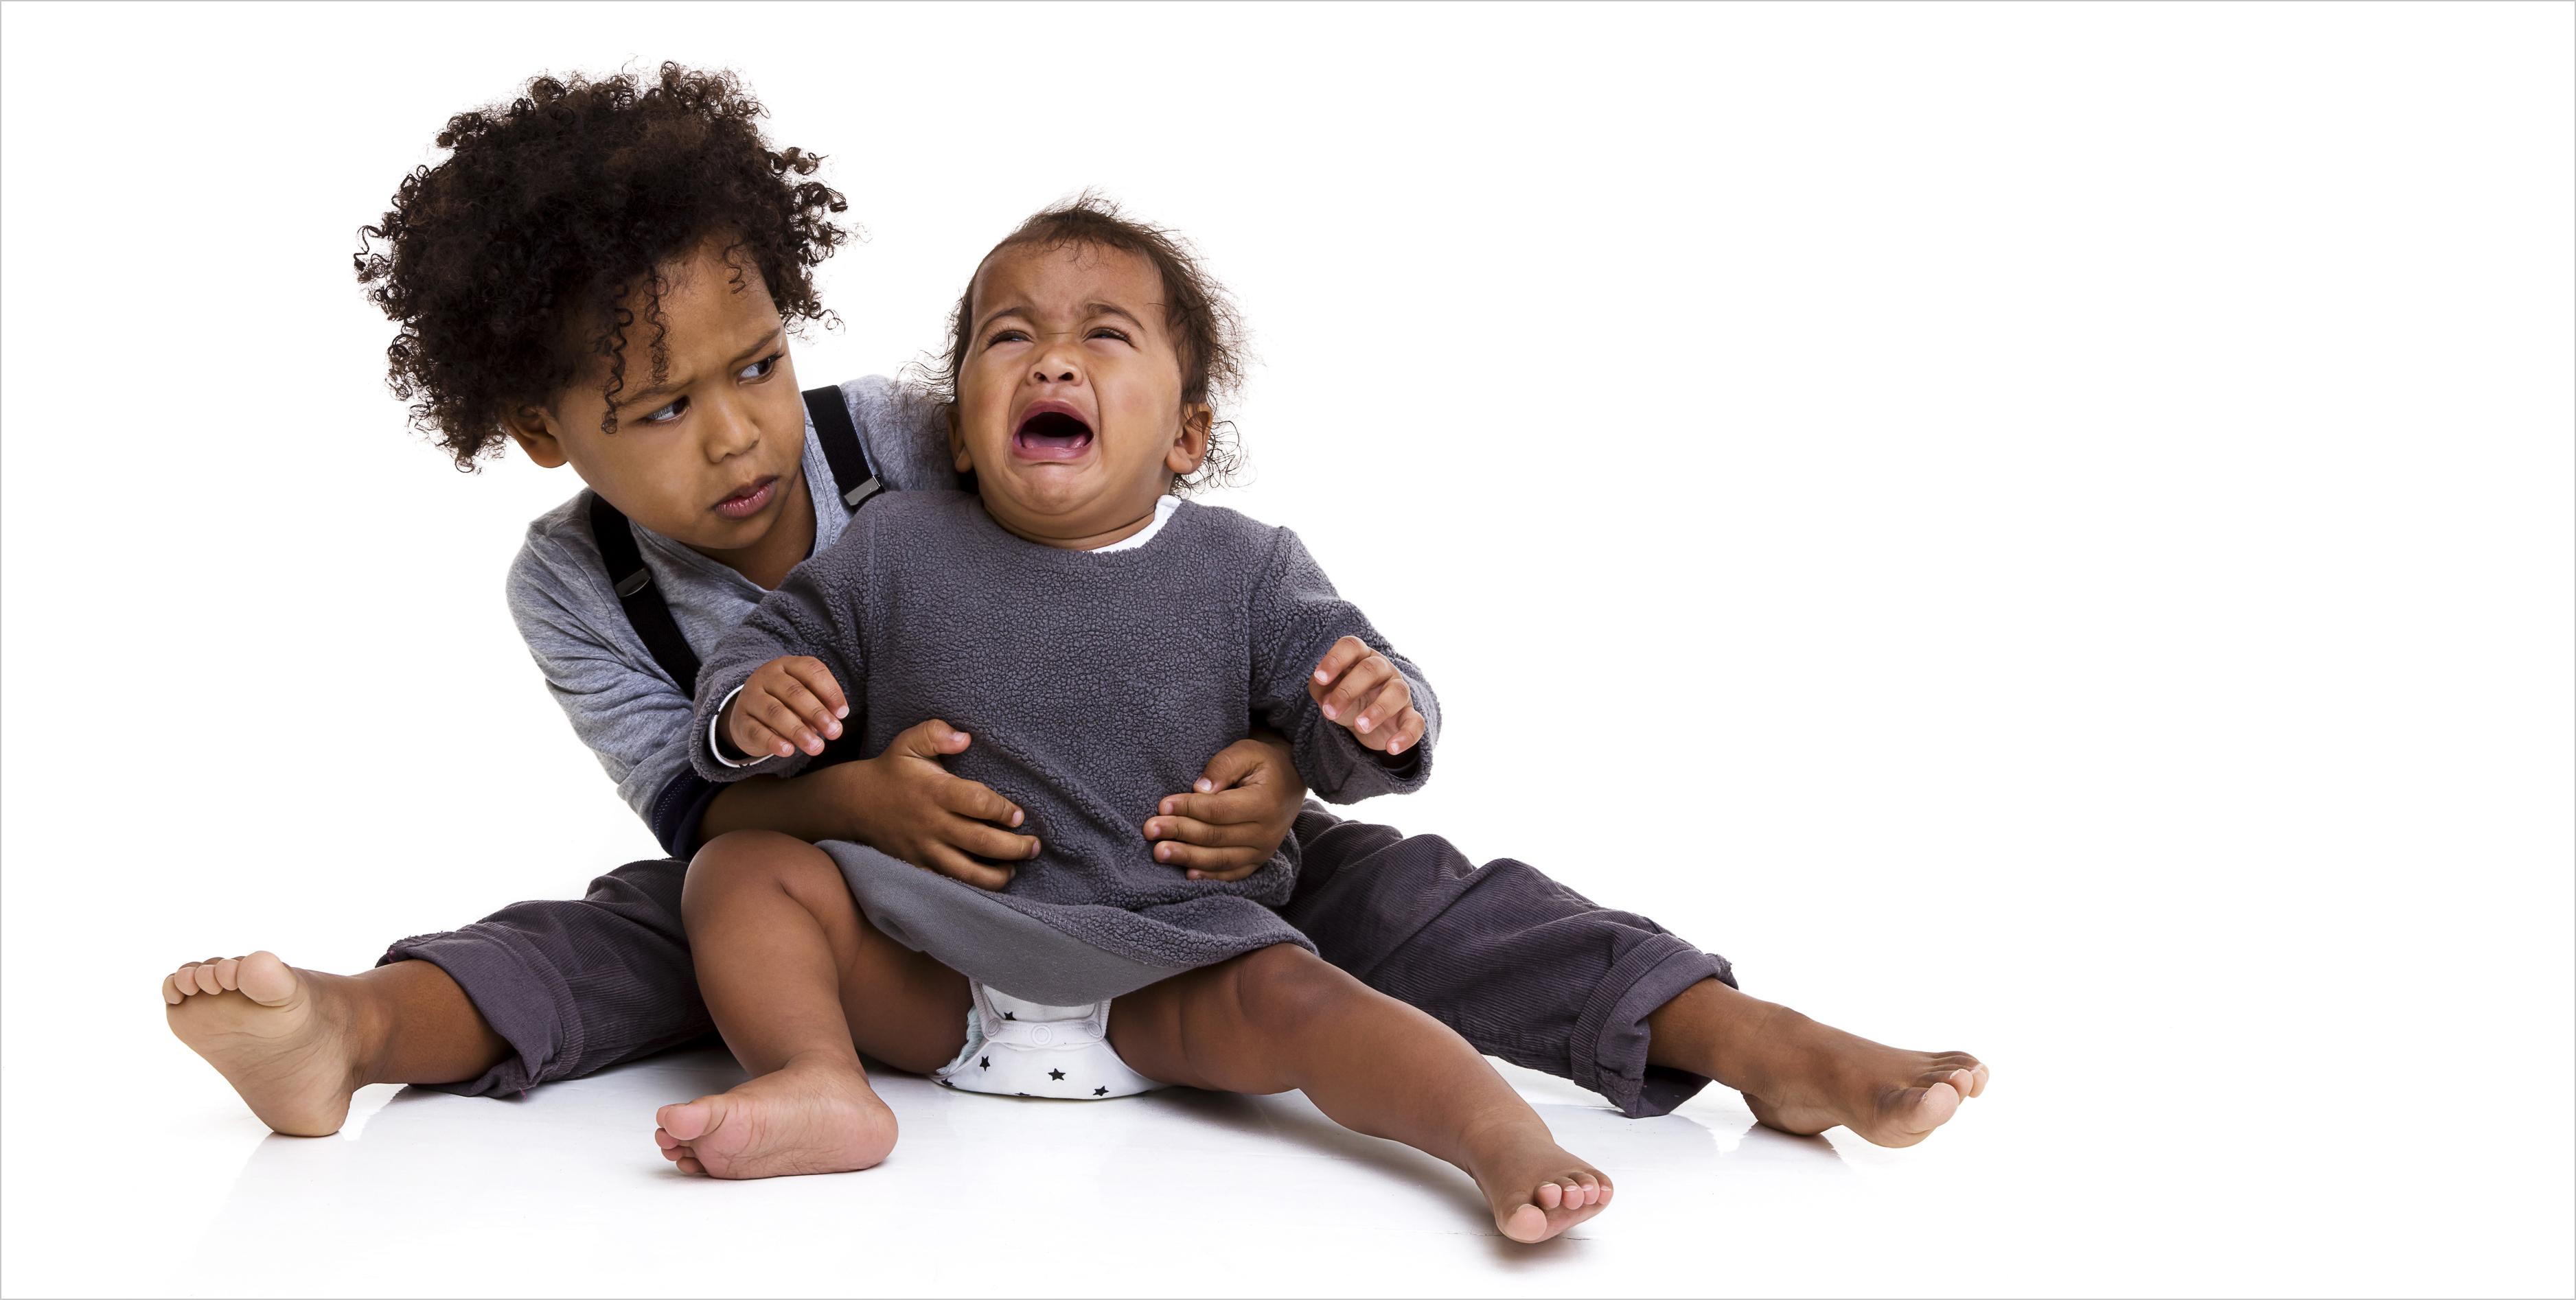 Familienfotografie Geschwister auf dem Boden spontan